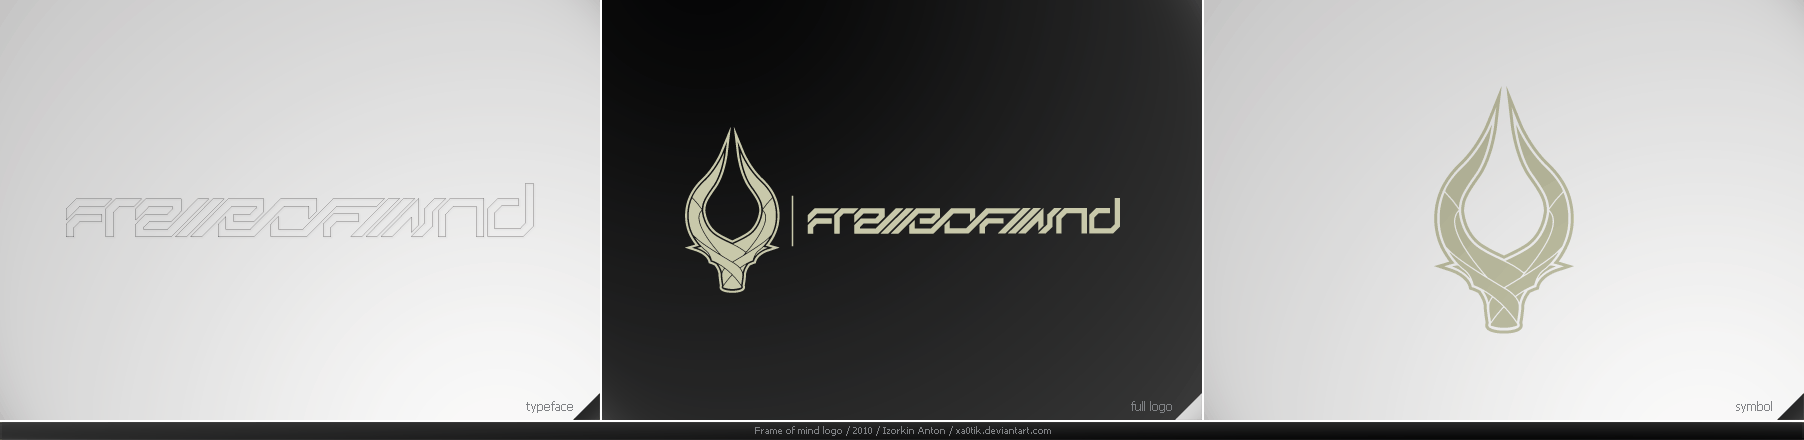 Frame of mind logo 1 by Xa0tiK